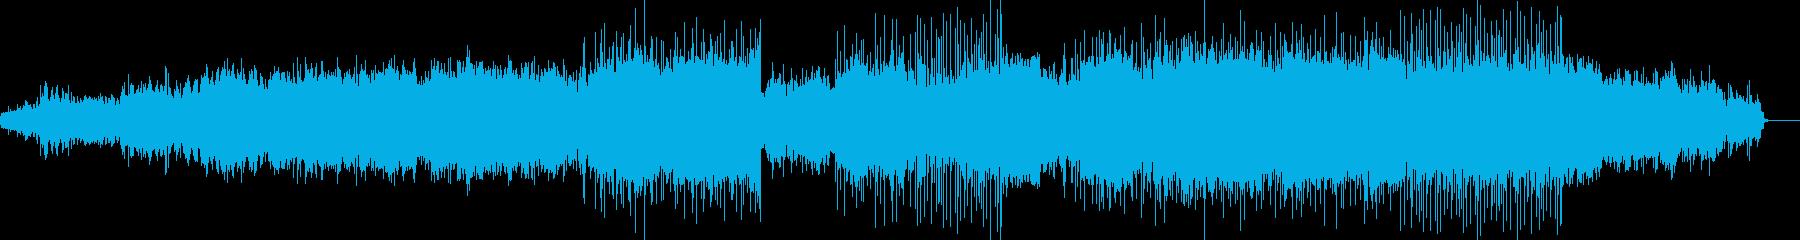 【変拍子】クリスマス、暖かい、ゆっくりの再生済みの波形